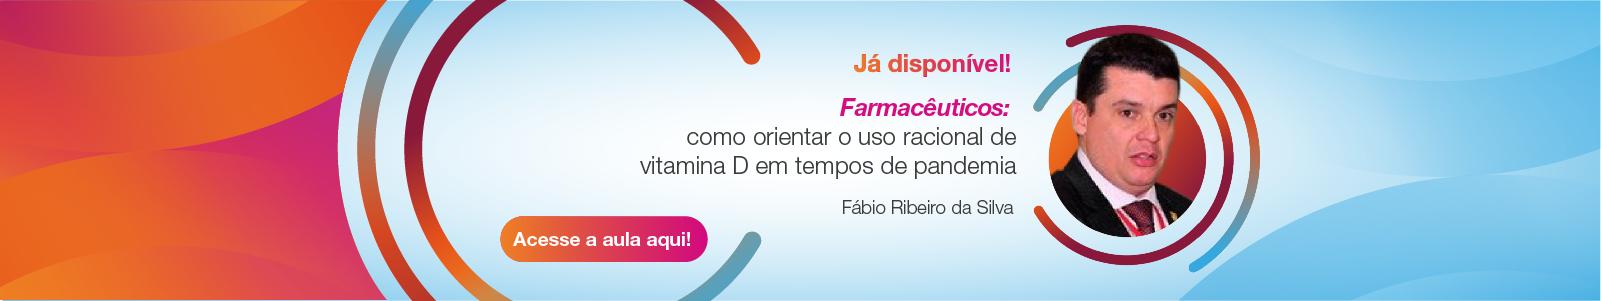 banner-visao-farmaceutica-Fabio